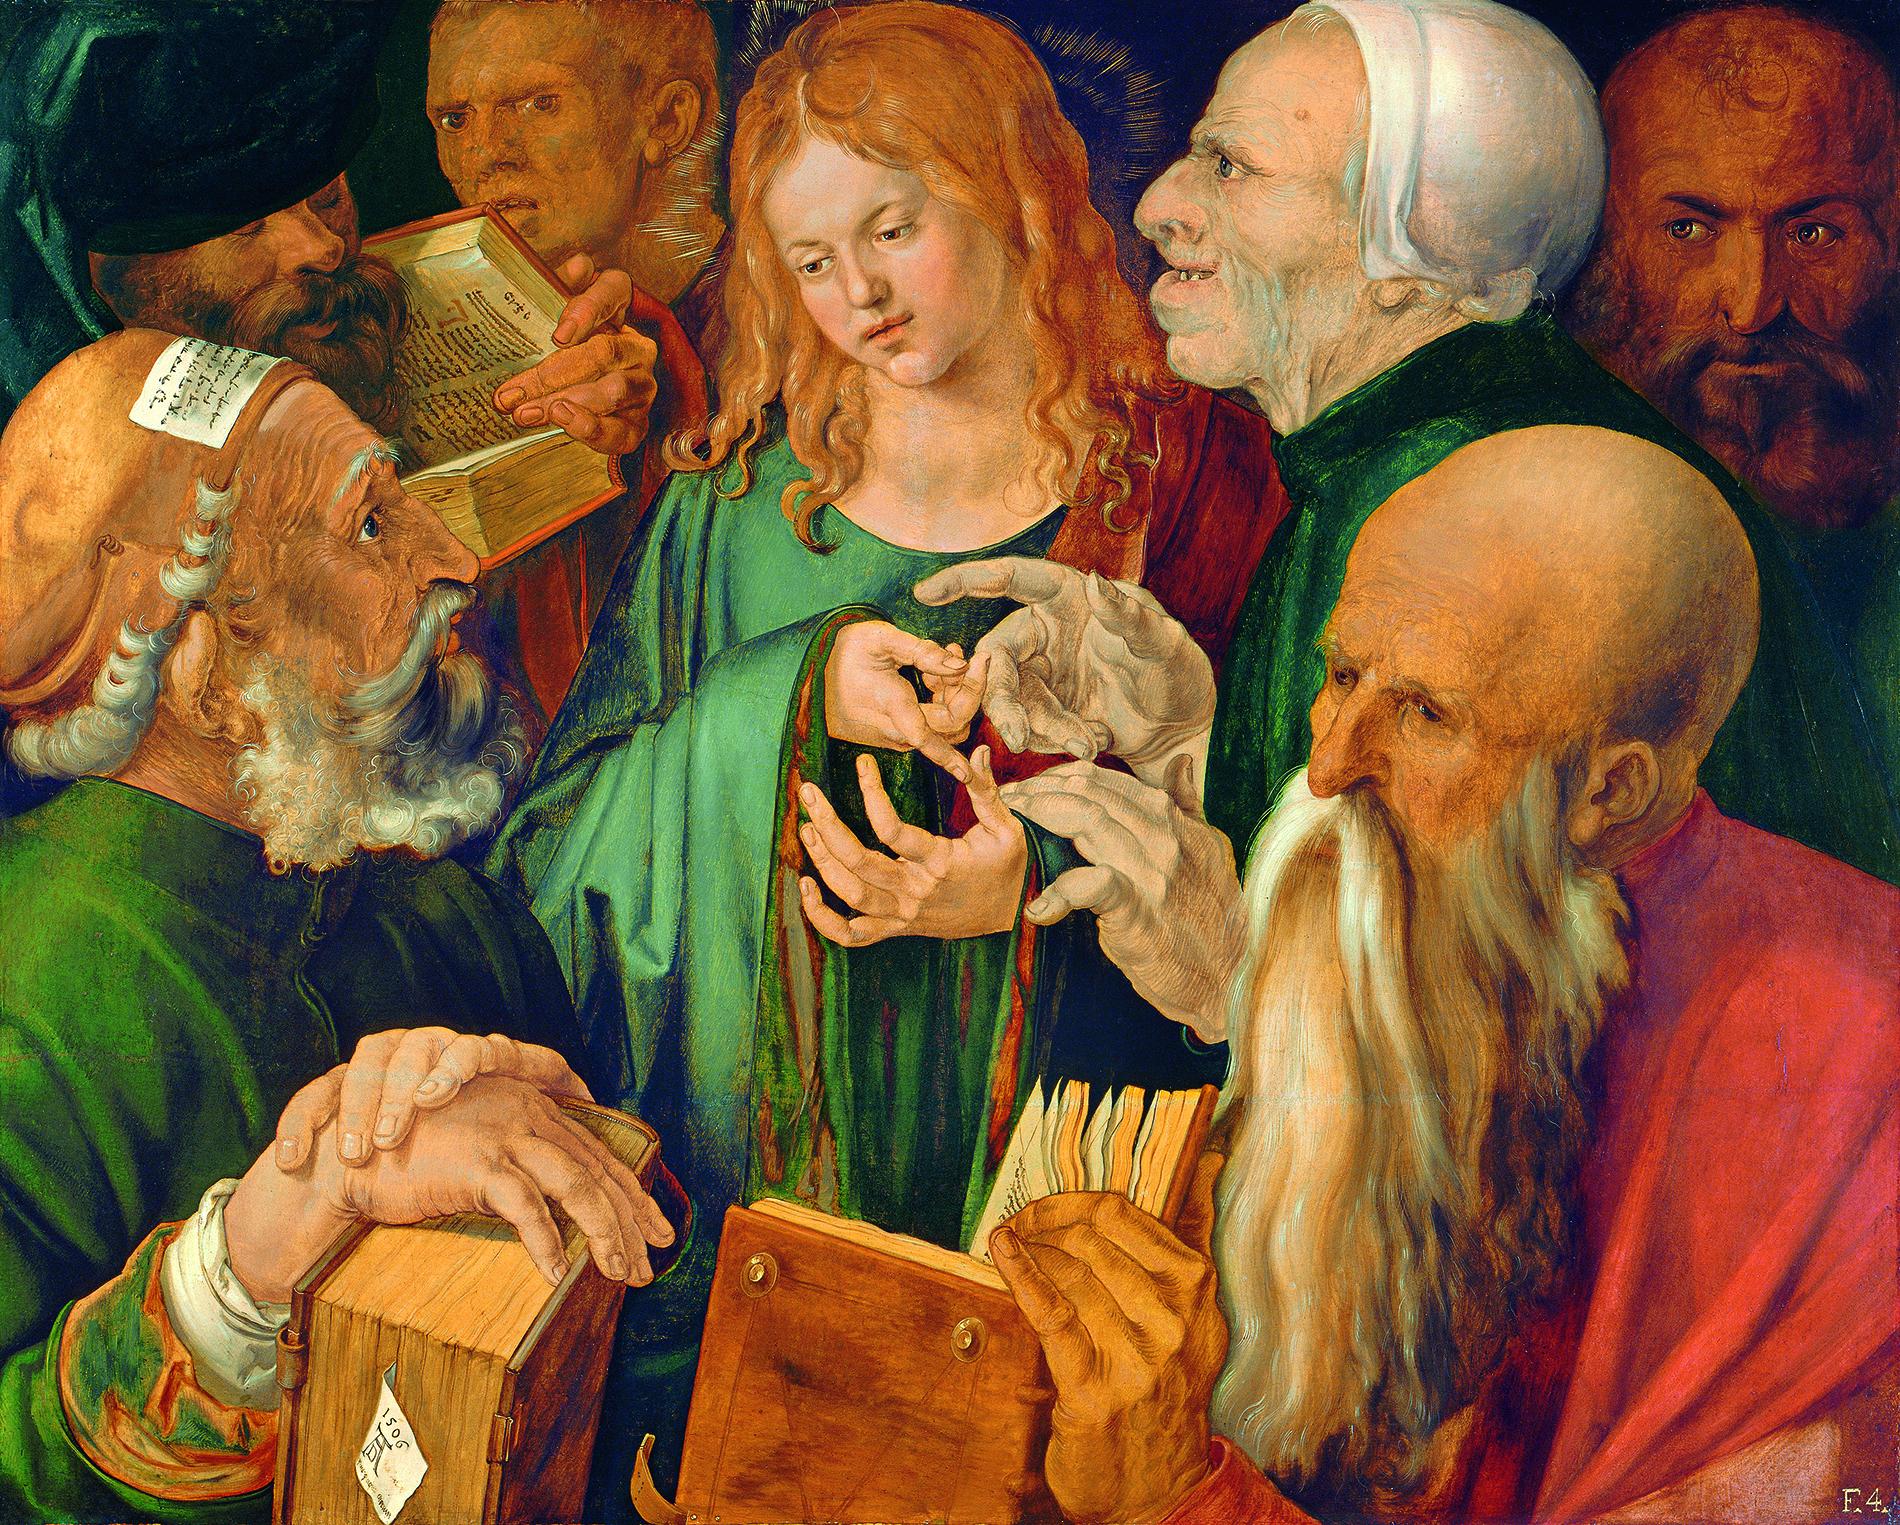 Albrecht Dürer, Der zwölfjährige Jesus unter den Schriftgelehrten, 1506, Öl auf Holz,    Madrid, Museum Thyssen-Bornemisza  © 2018. Museo Thyssen-Bornemisza / Scala, Florenz